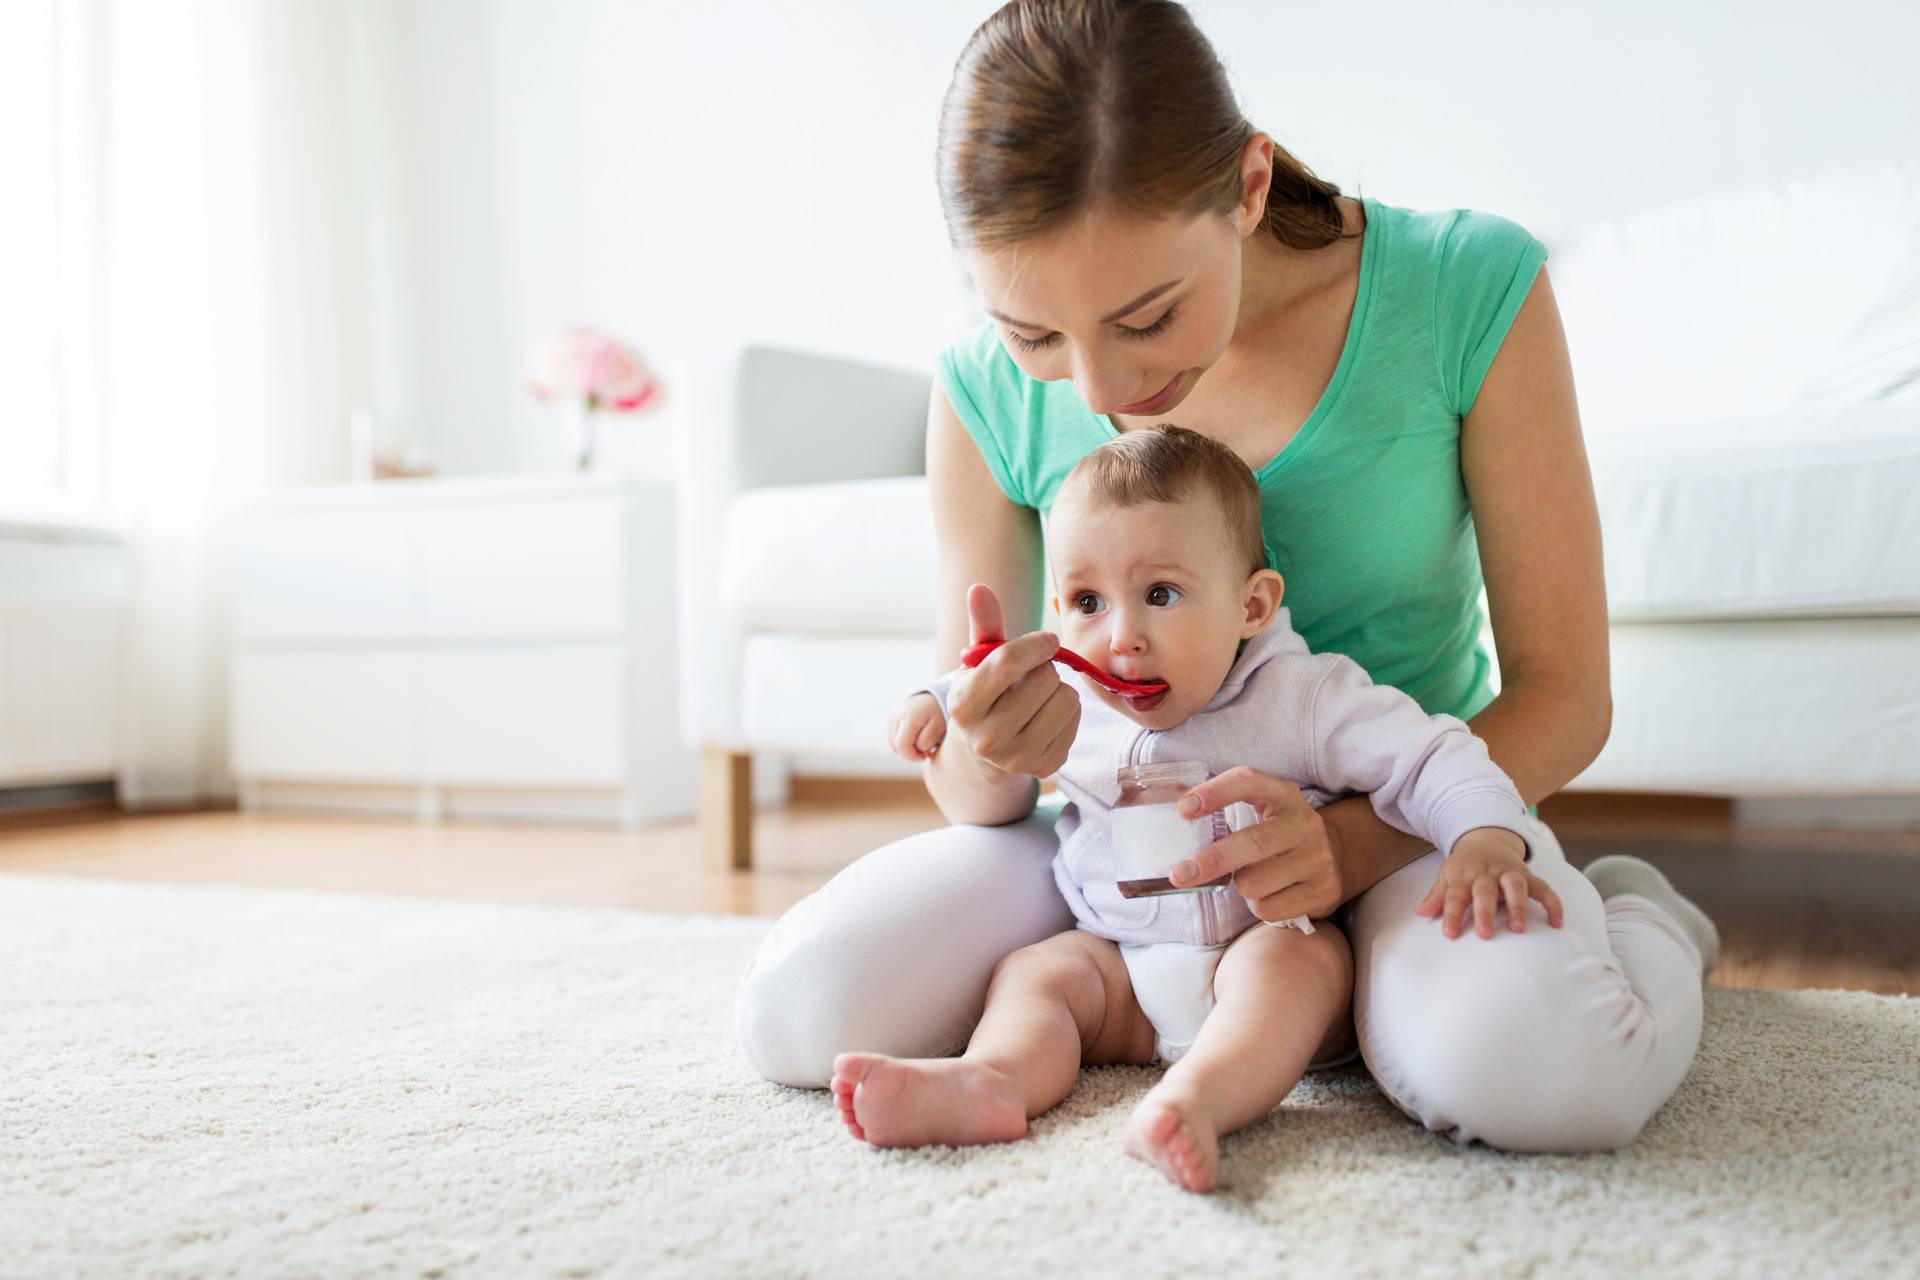 """五个月宝宝开始认生,经历多个""""第一次"""",妈妈用游戏促进娃成长  第5张"""